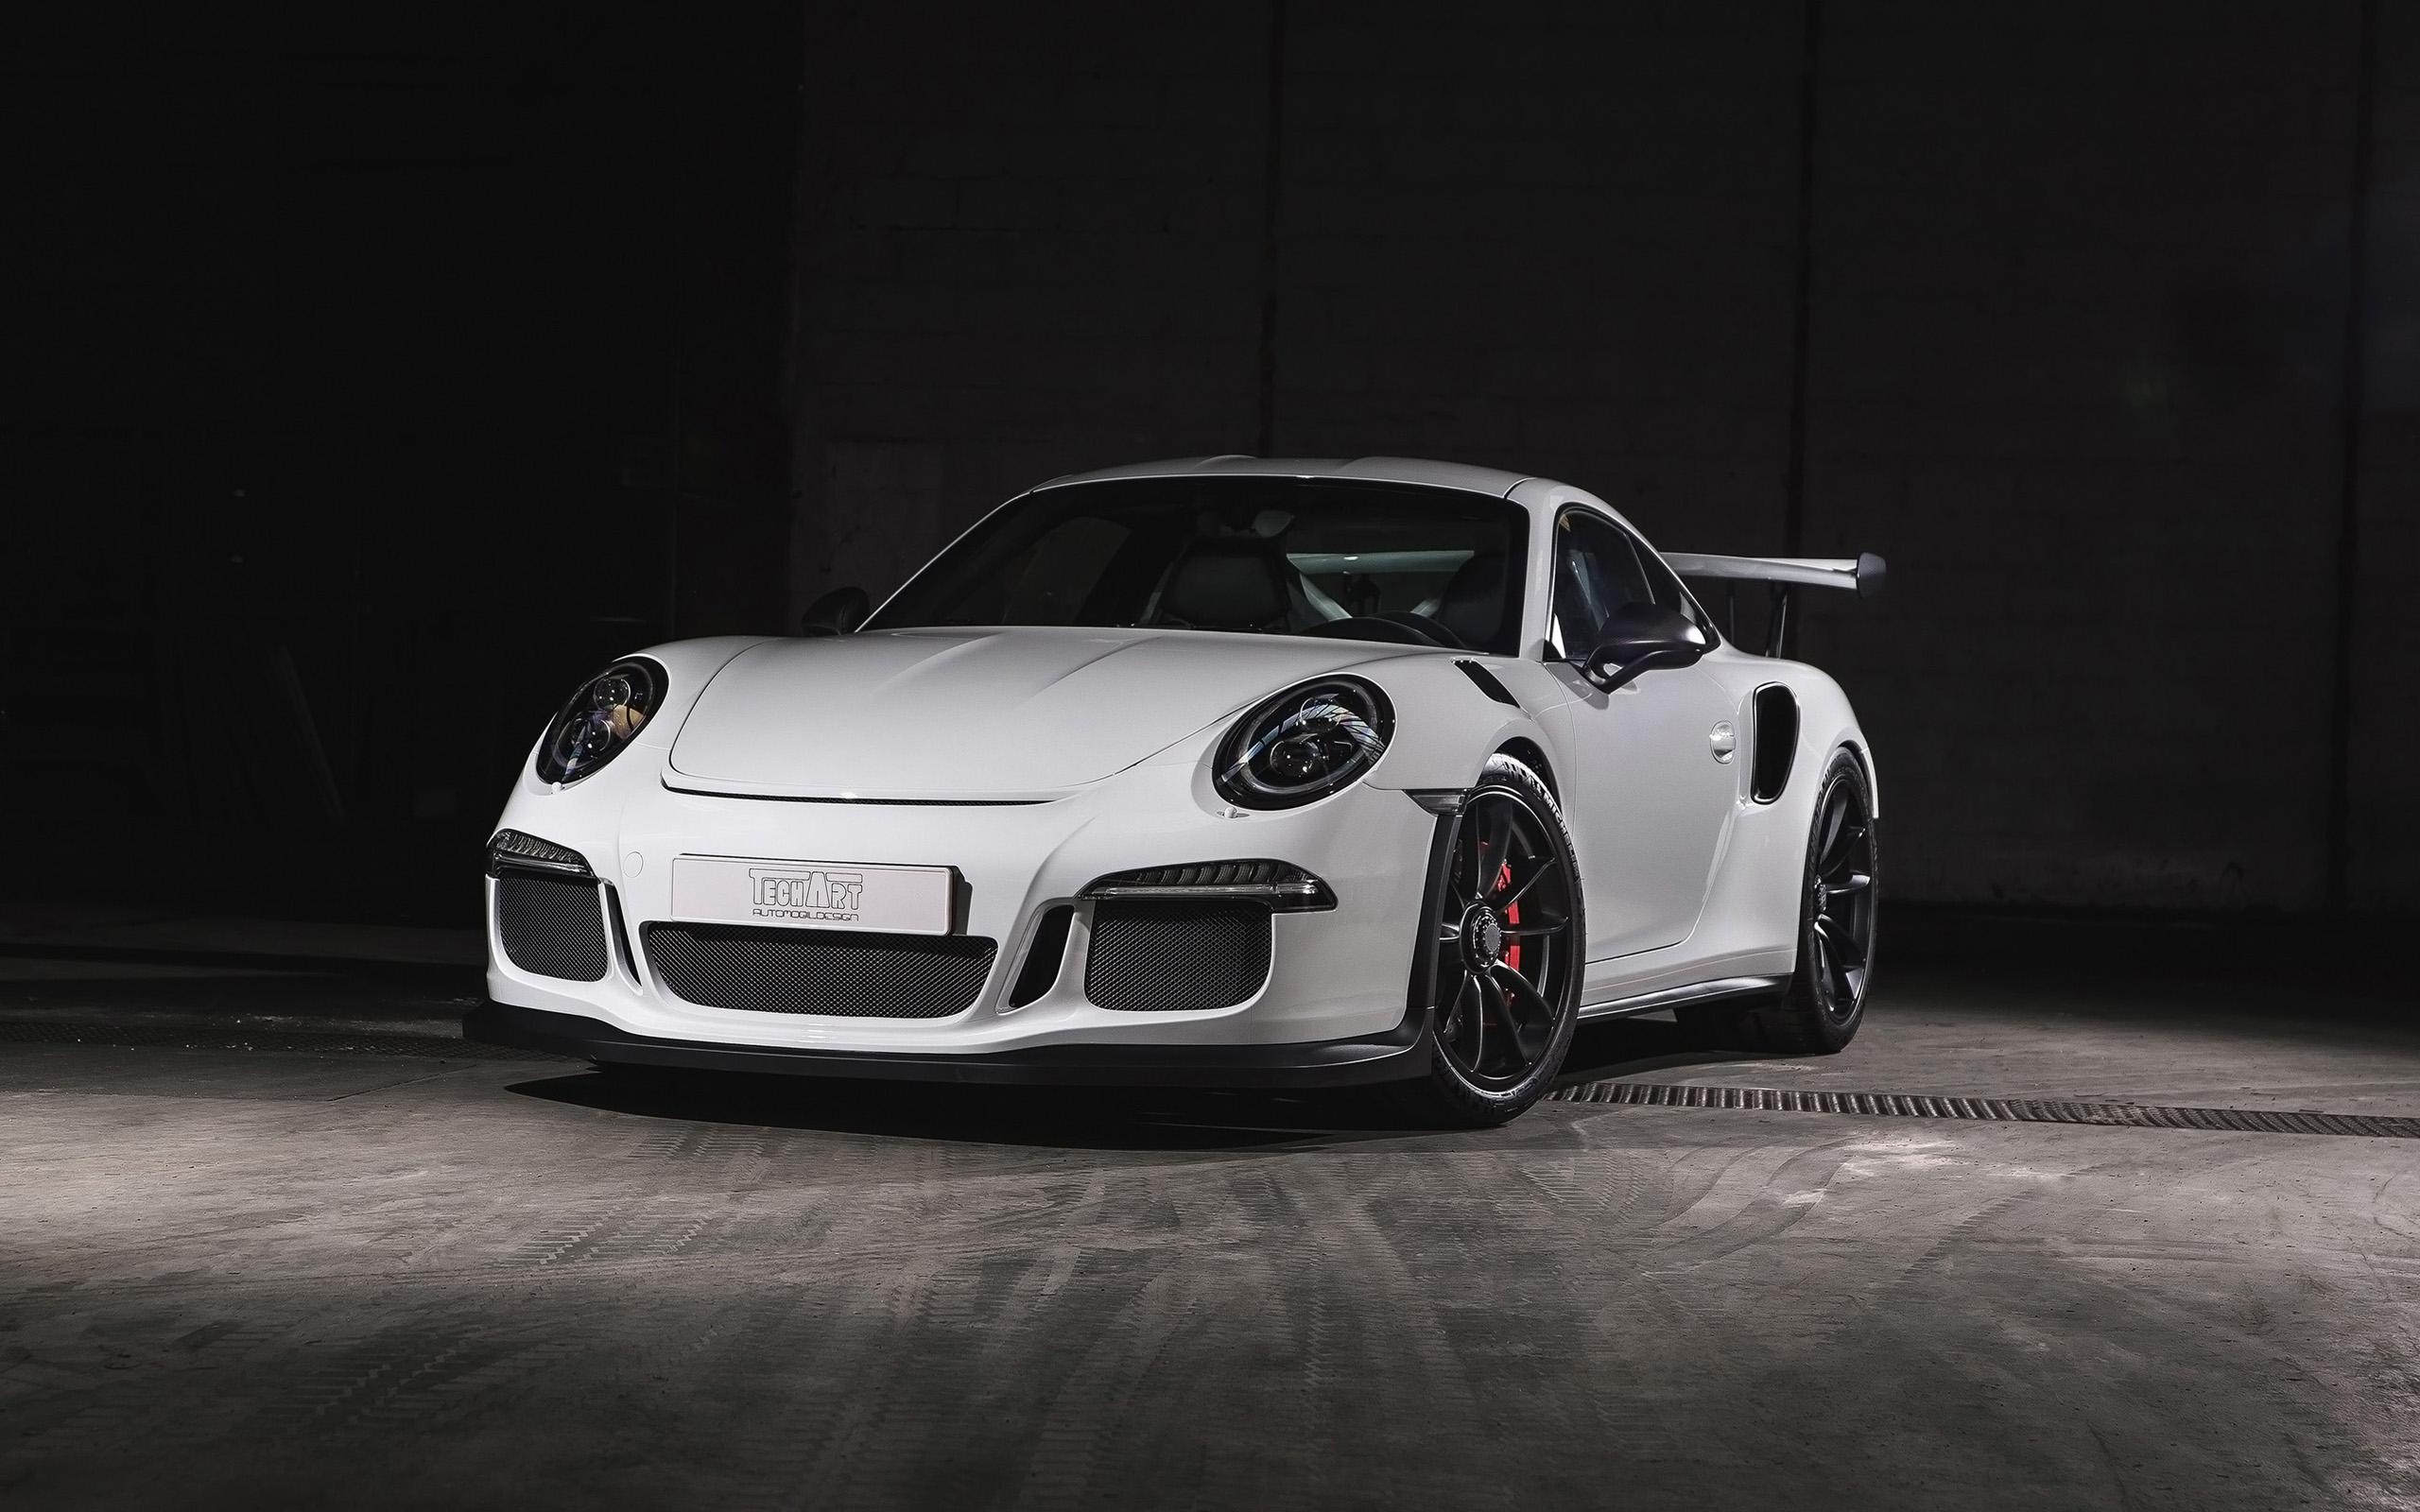 Porsche Macan Wallpaper Iphone 2016 Techart Porsche 911 Gt3 Rs Carbon Sport Wallpaper